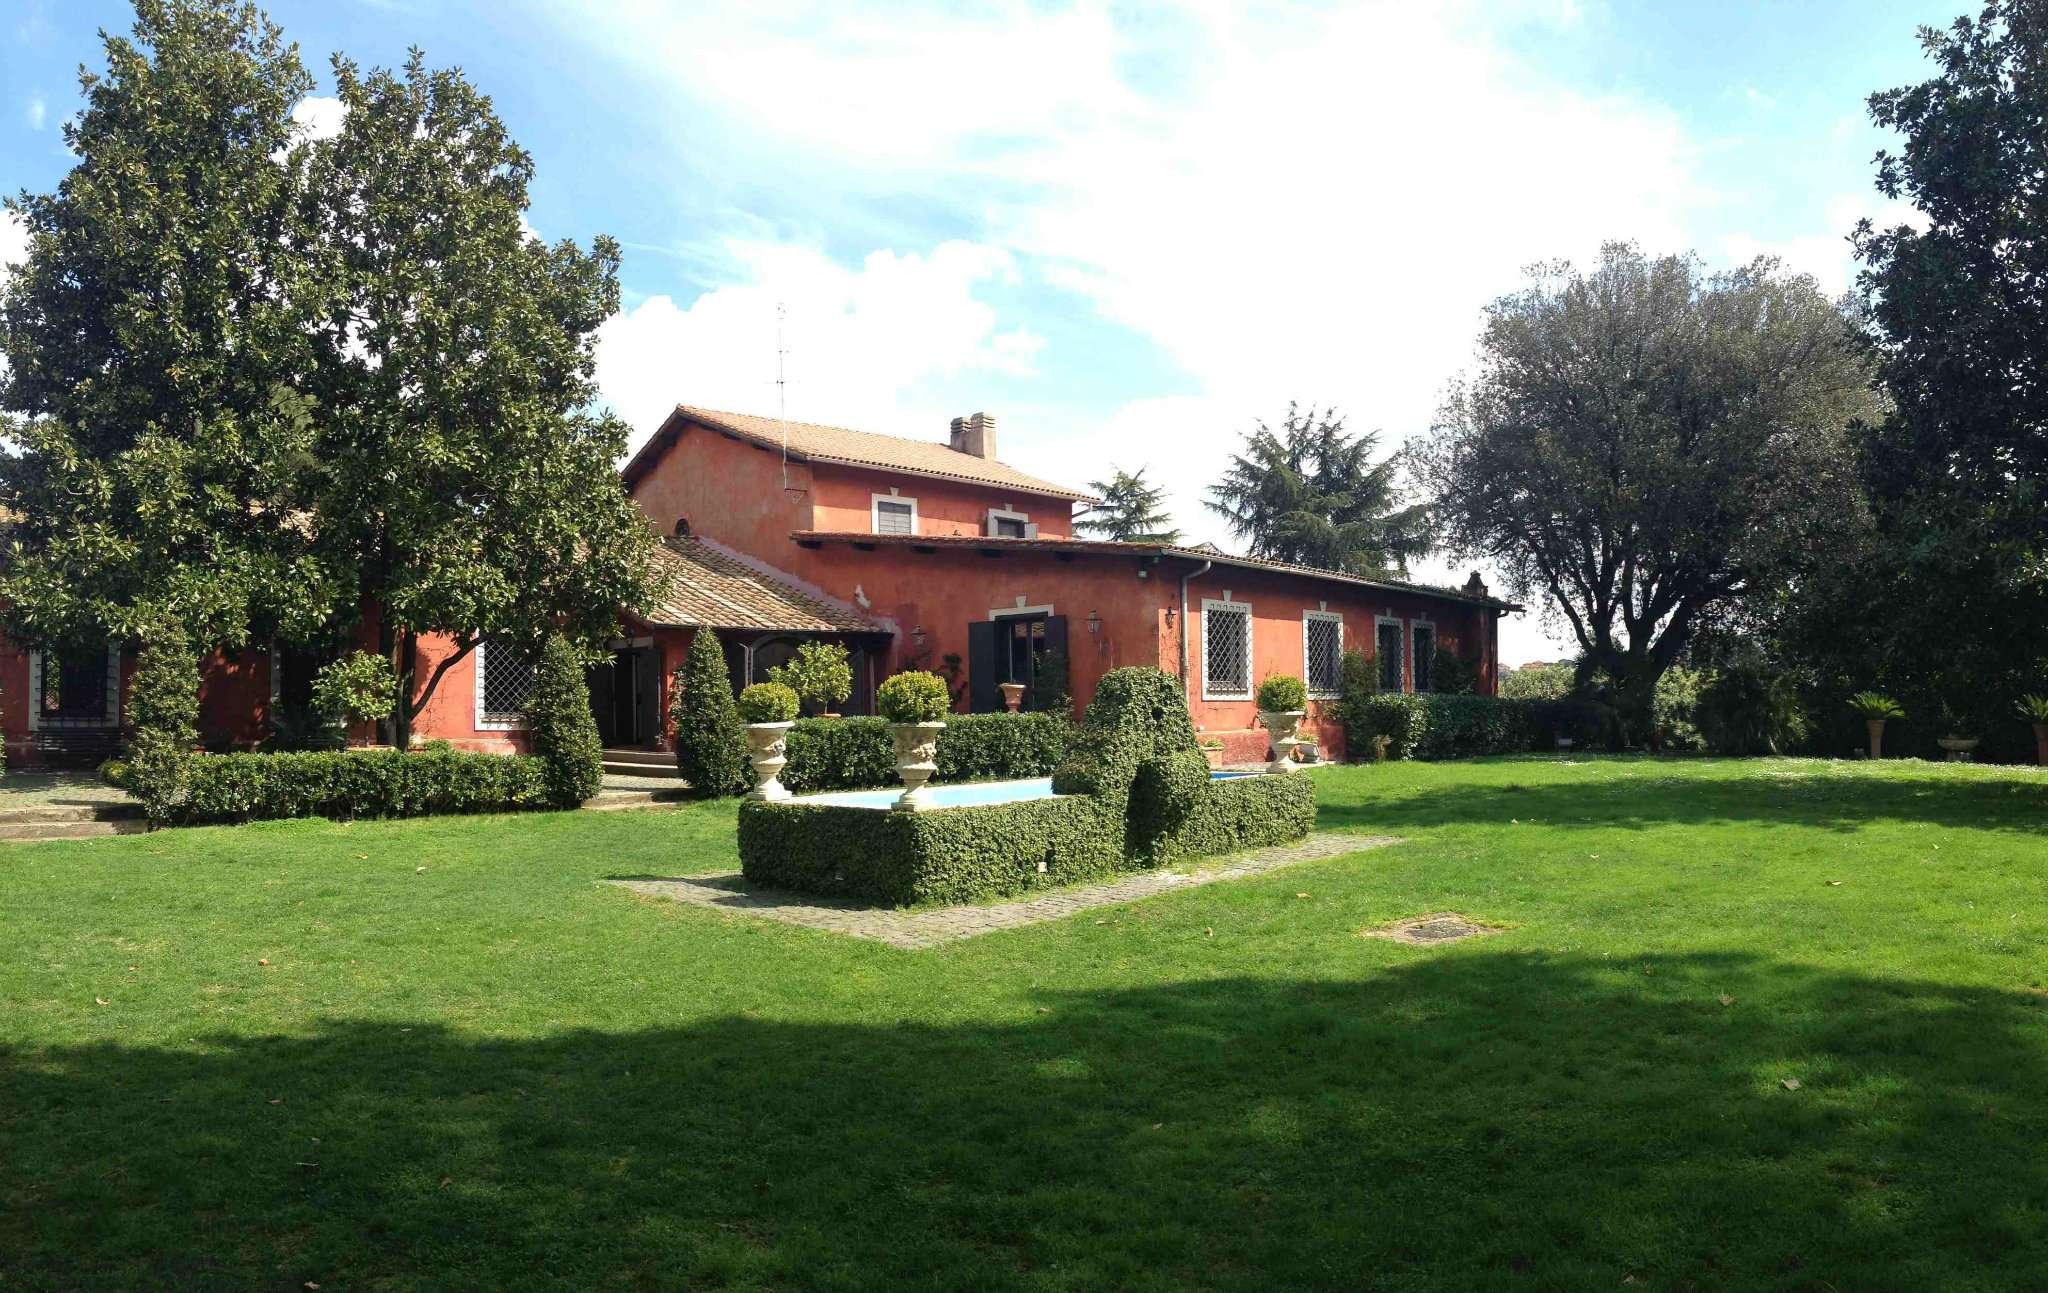 Ufficio studio roma affitto zona 1 centro storico 1500 for Affitto c1 roma centro